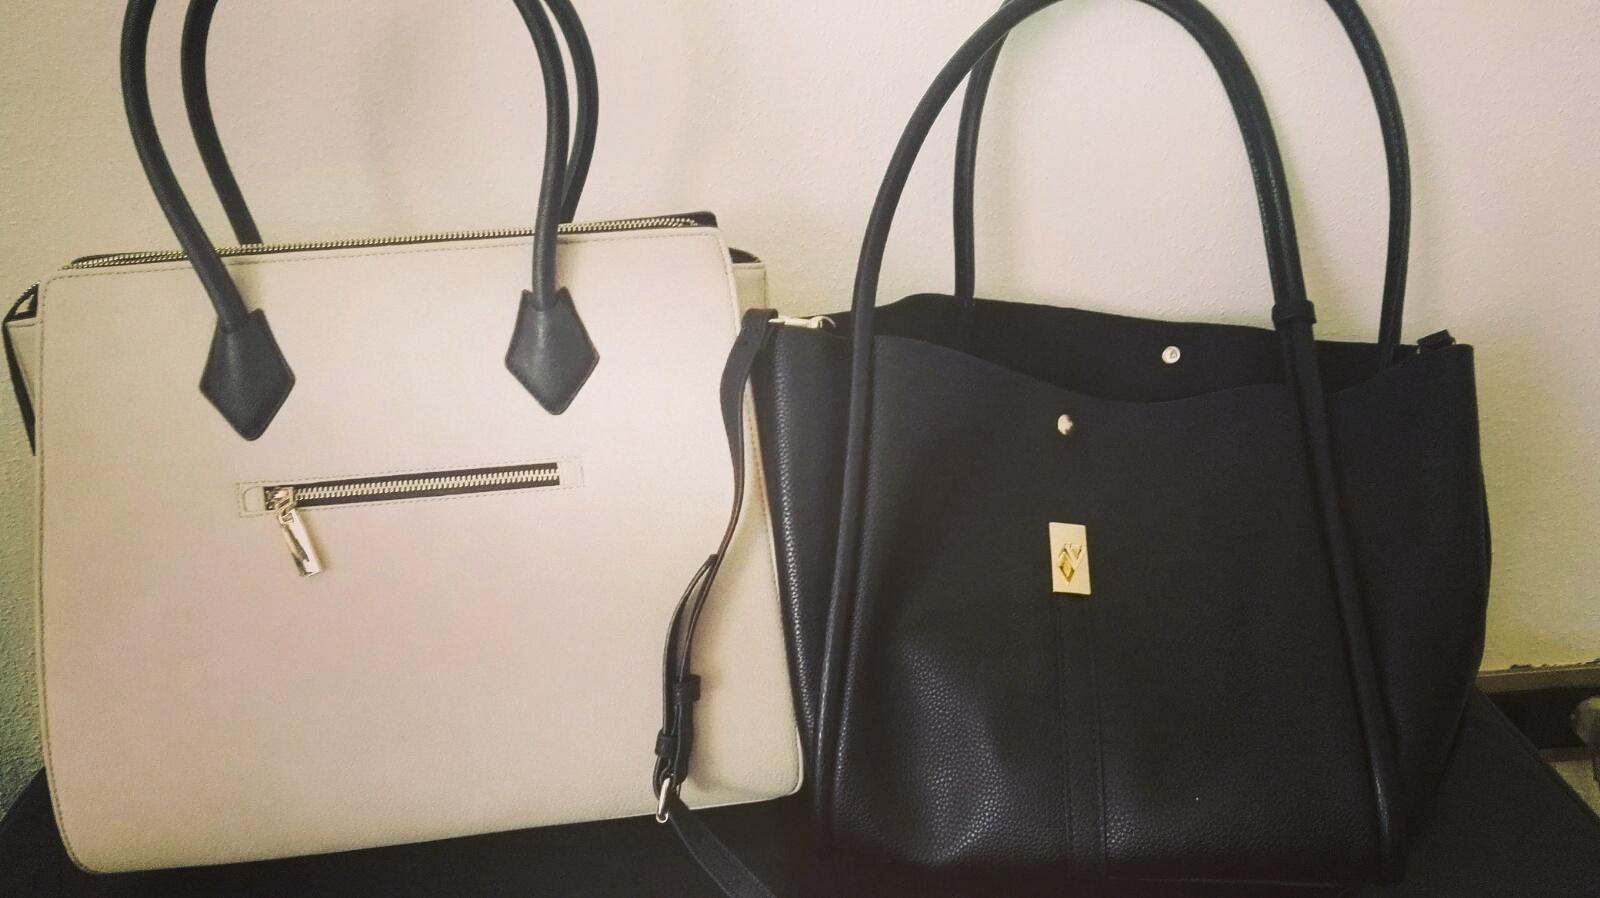 832336bda4c goedkoop merk tassen. Online merktassen shoppen bij Brandfield